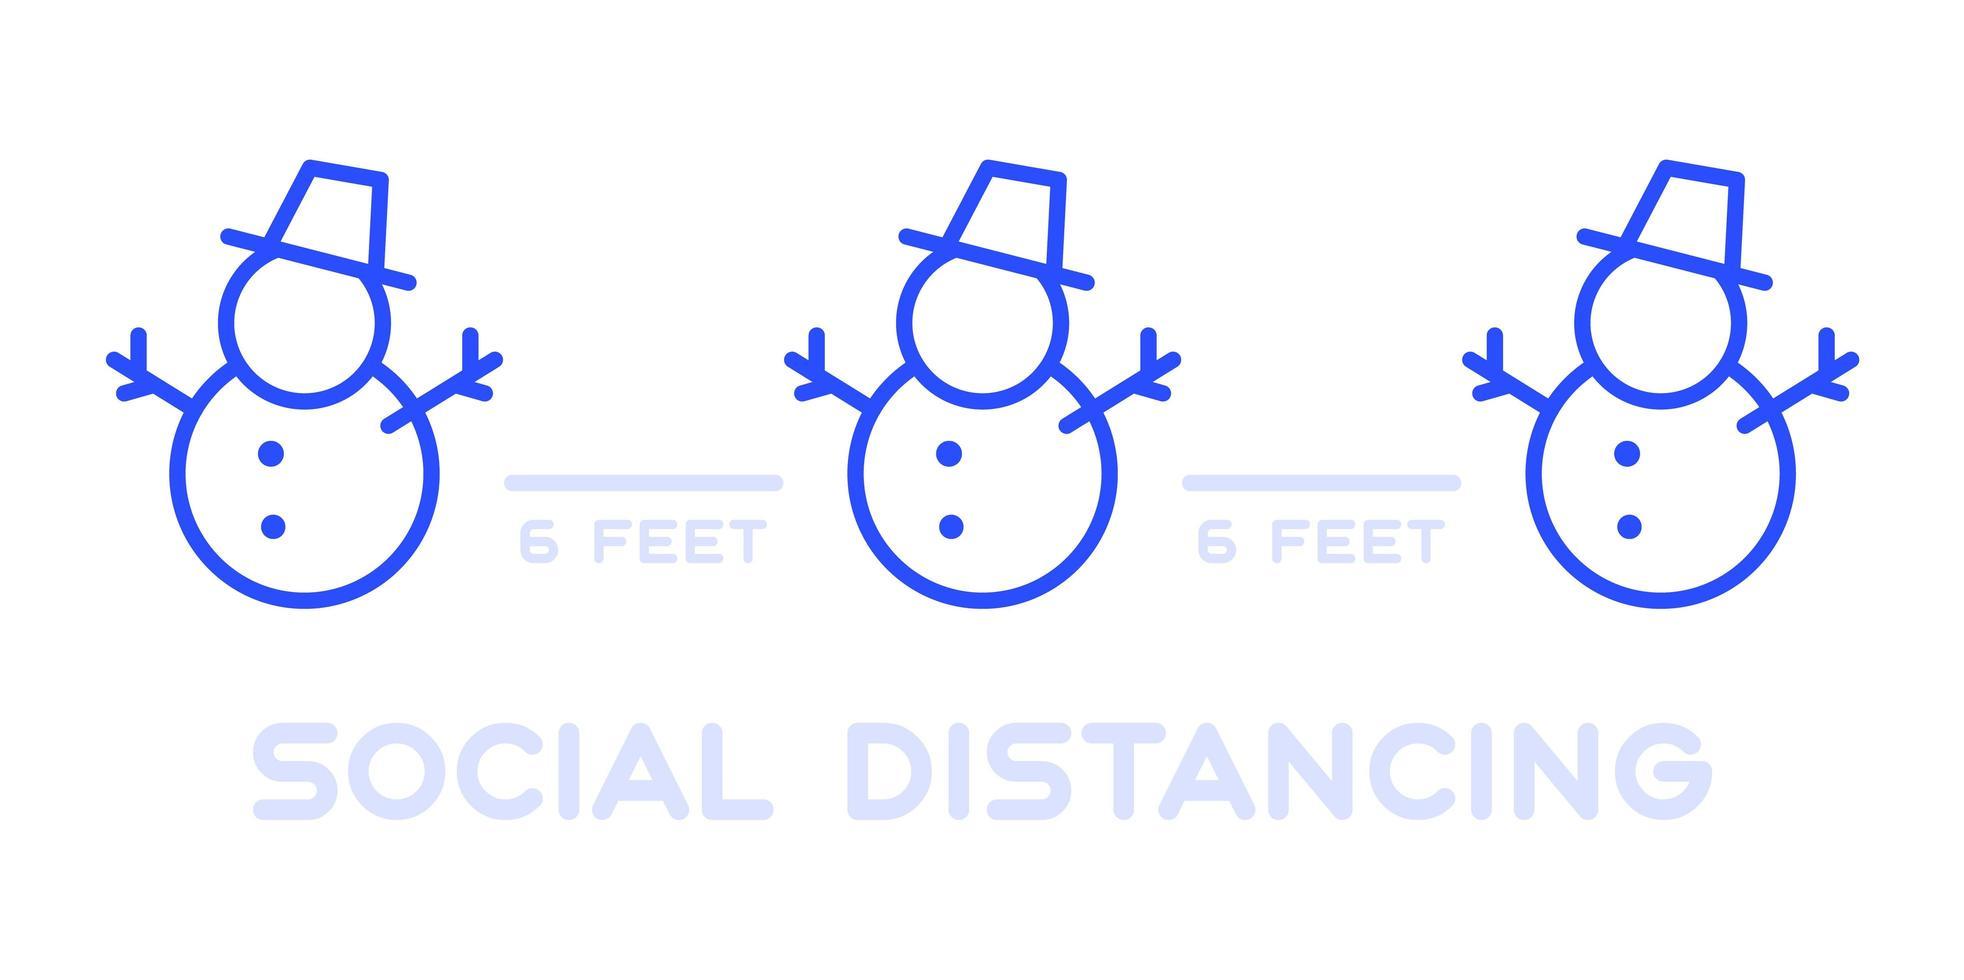 social distansering vid jul evenemang affisch vektor